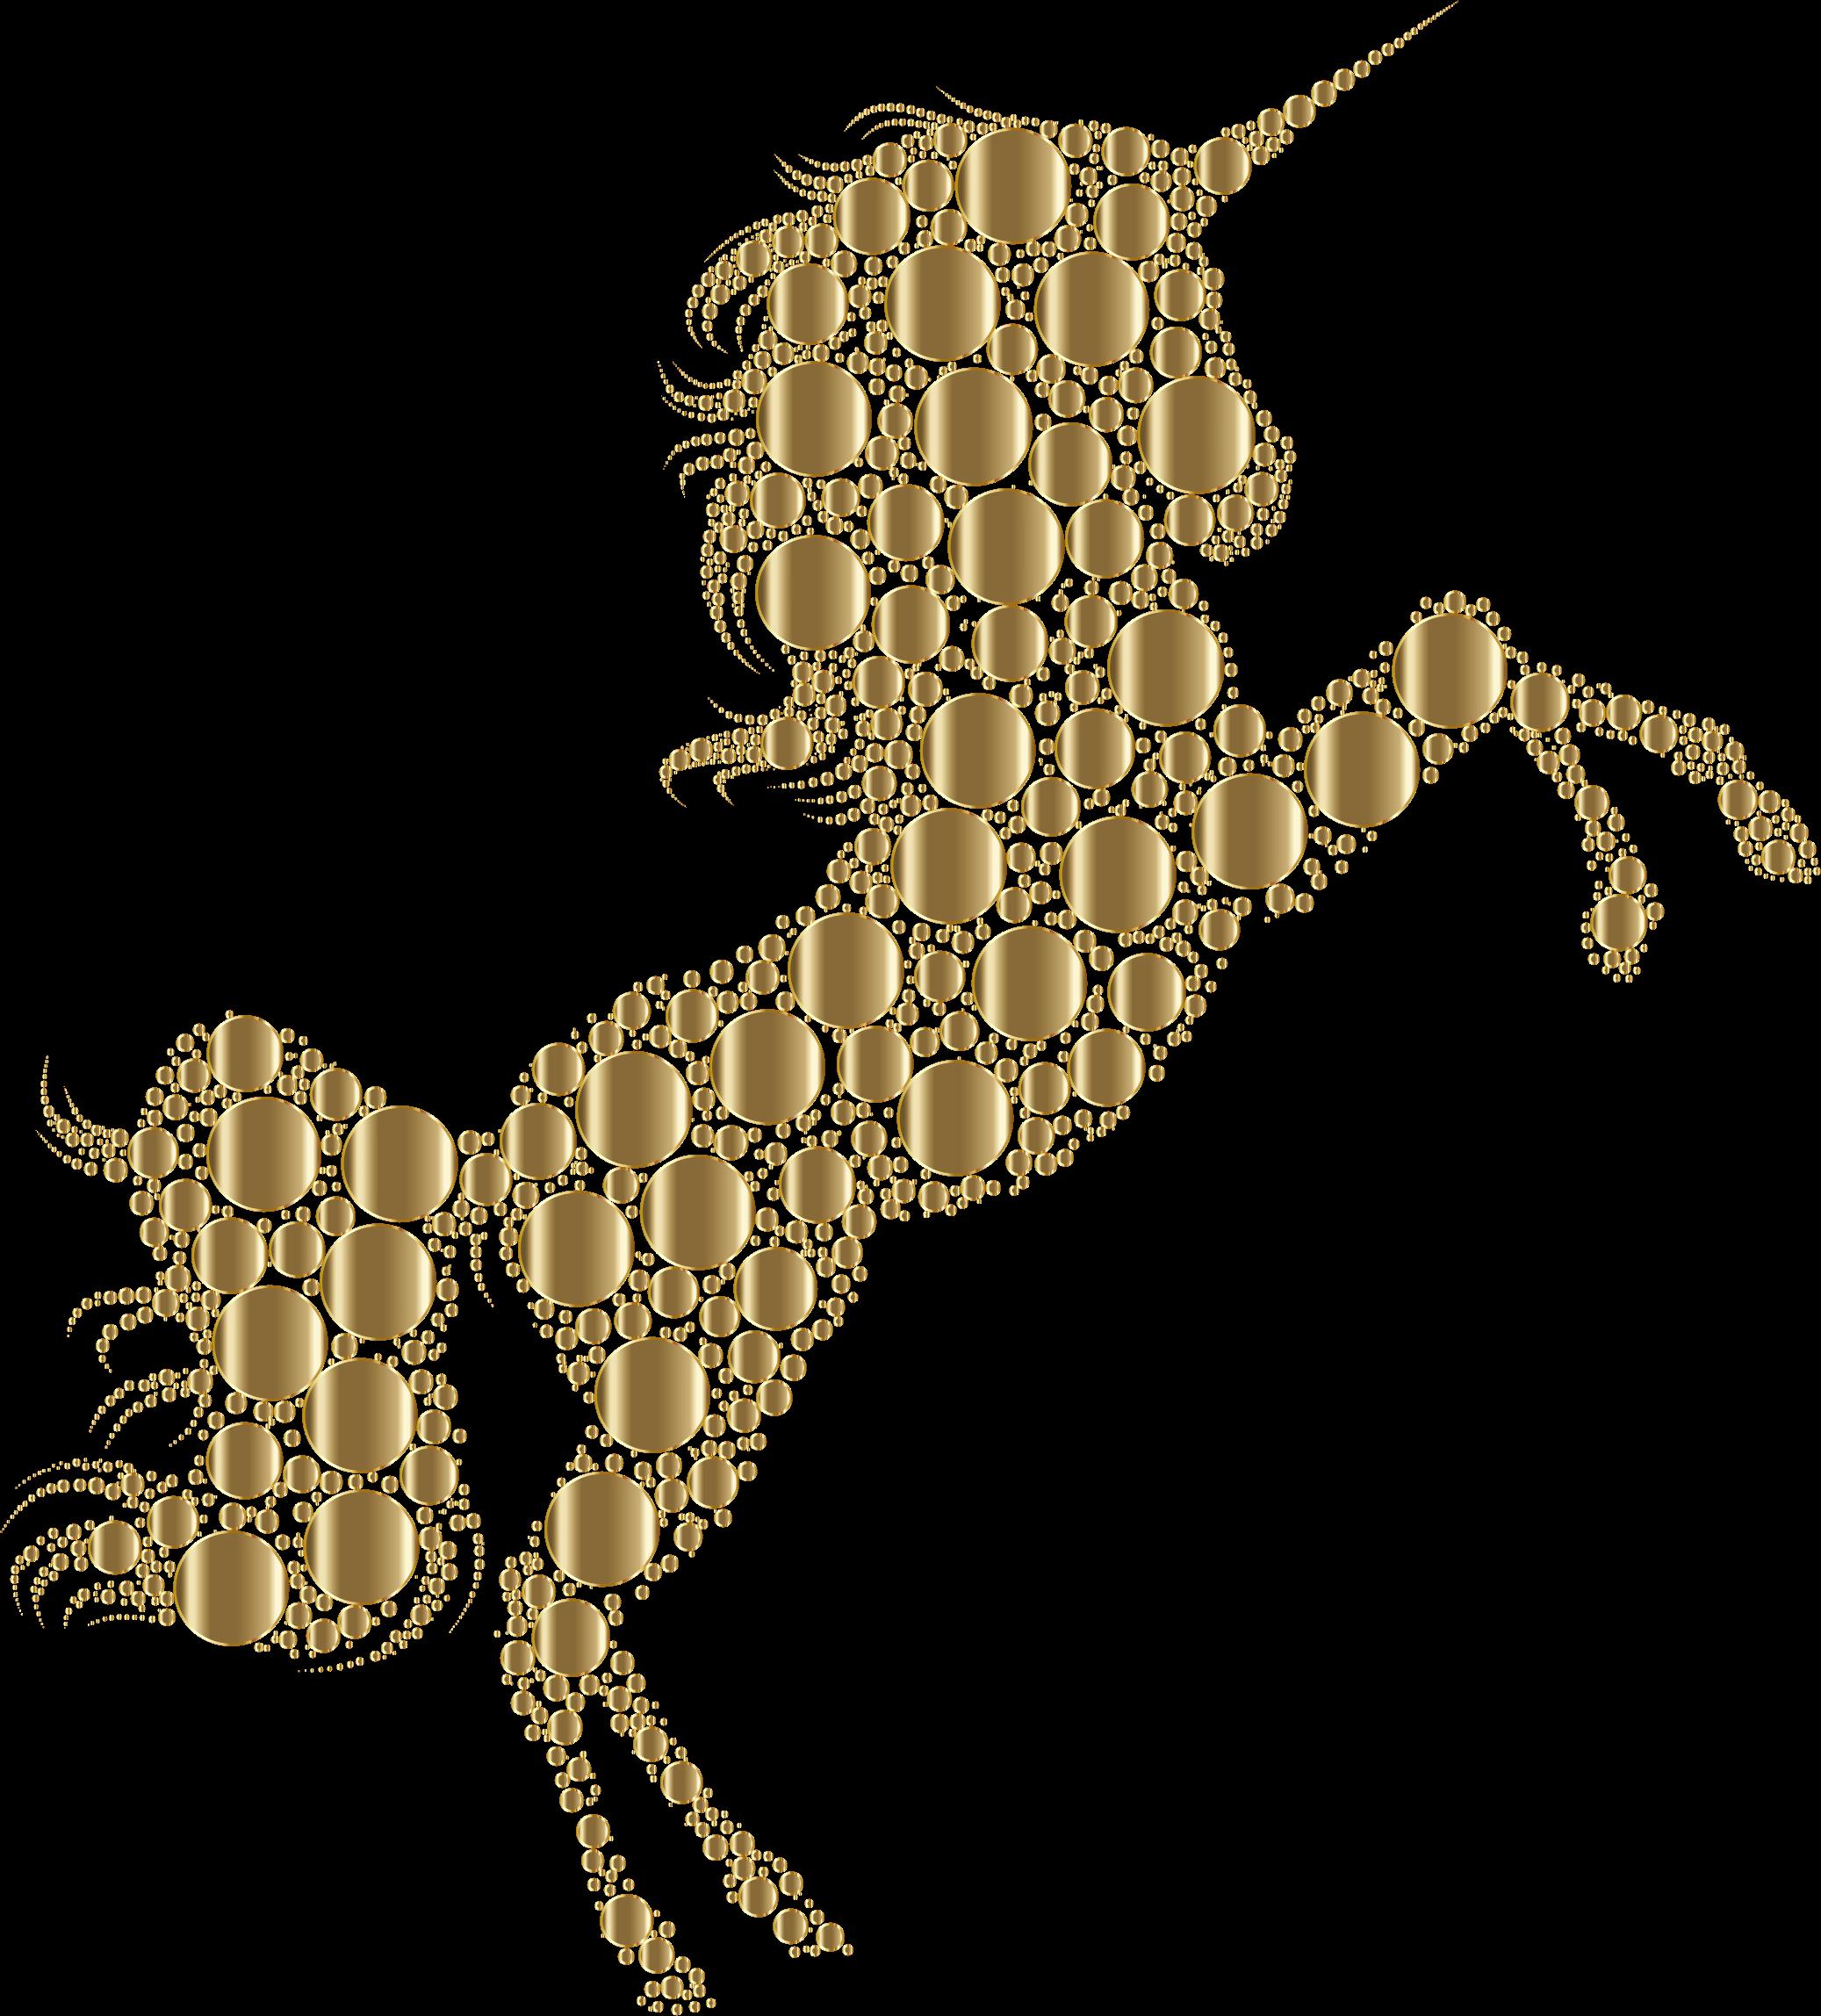 Horse unicorn silhouette.